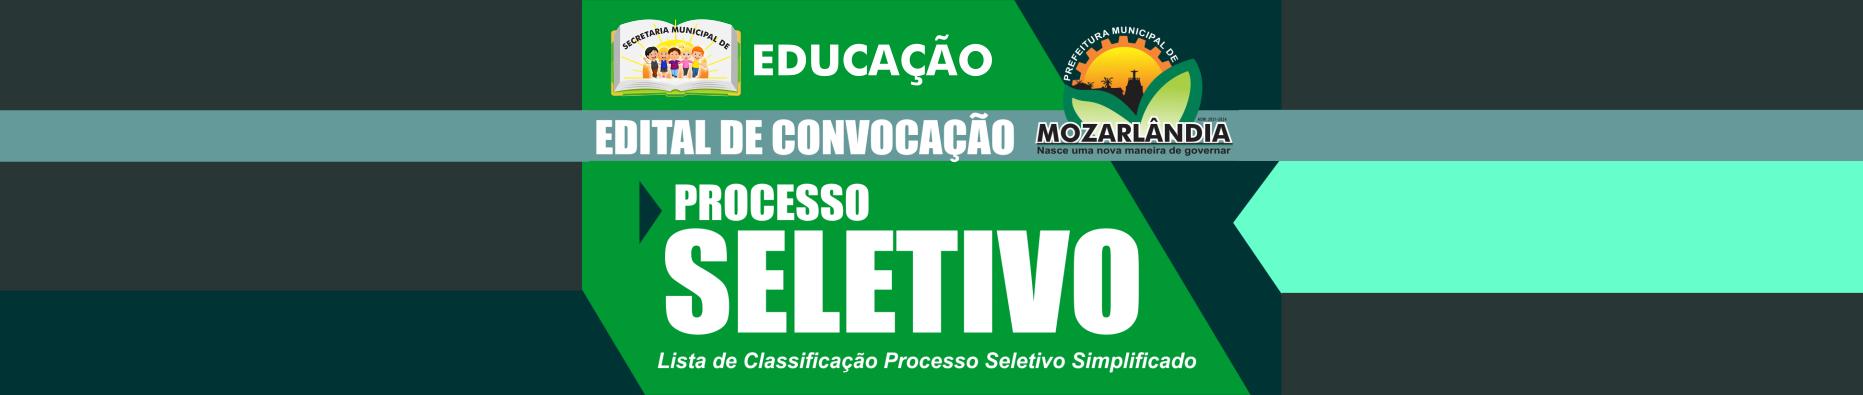 EDITAL DE CONVOCAÇÃO – PROCESSO SELETIVO EDUCAÇÃO – 14º CONVOCAÇÃO